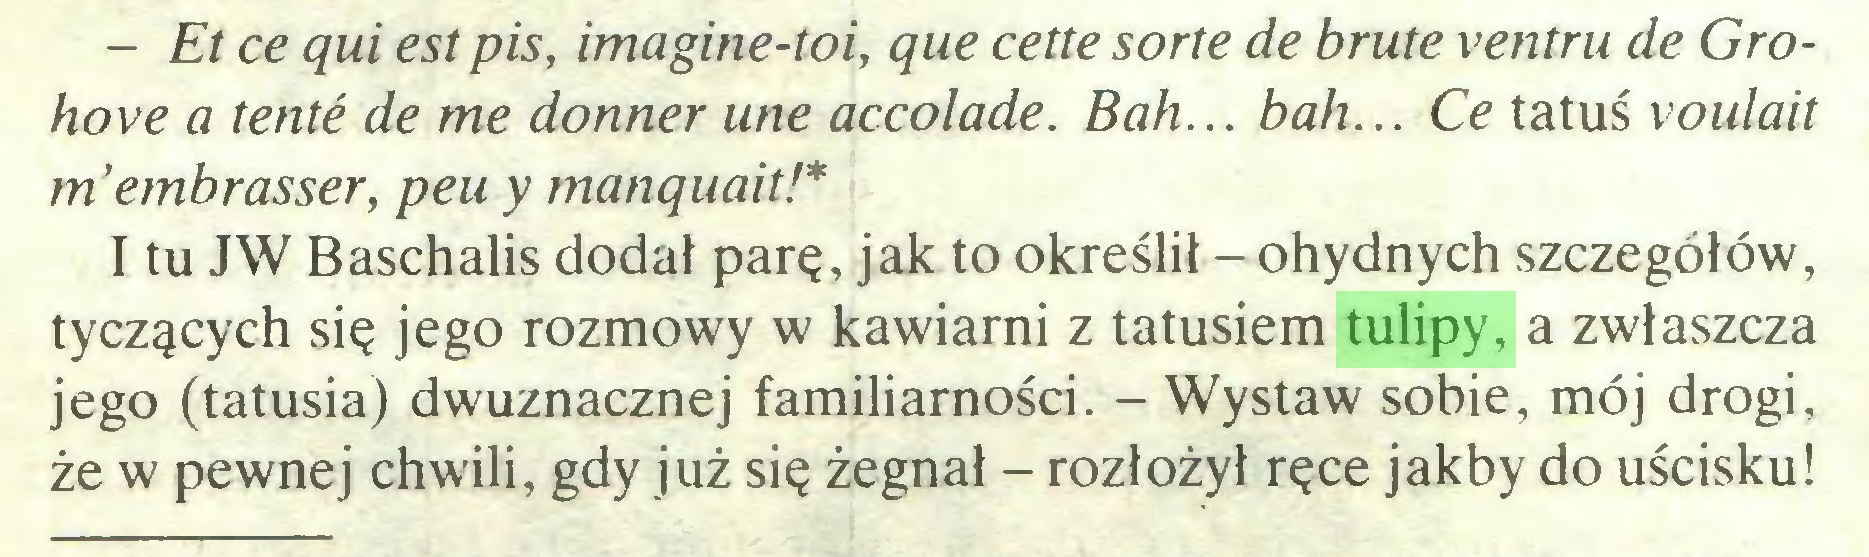 (...) - Et ce qui est pis, imagine-toi, que cette sorte de brute ventru de Grohove a tenté de me donner une accolade. Bah... bah... Ce tatuś voulait m'embrasser, peu y manquait!* I tu JW Baschalis dodał parę, jak to określił - ohydnych szczegółów, tyczących się jego rozmowy w kawiarni z tatusiem tulipy, a zwłaszcza jego (tatusia) dwuznacznej familiarności. - Wystaw sobie, mój drogi, że w pewnej chwili, gdy już się żegnał - rozłożył ręce jakby do uścisku!...